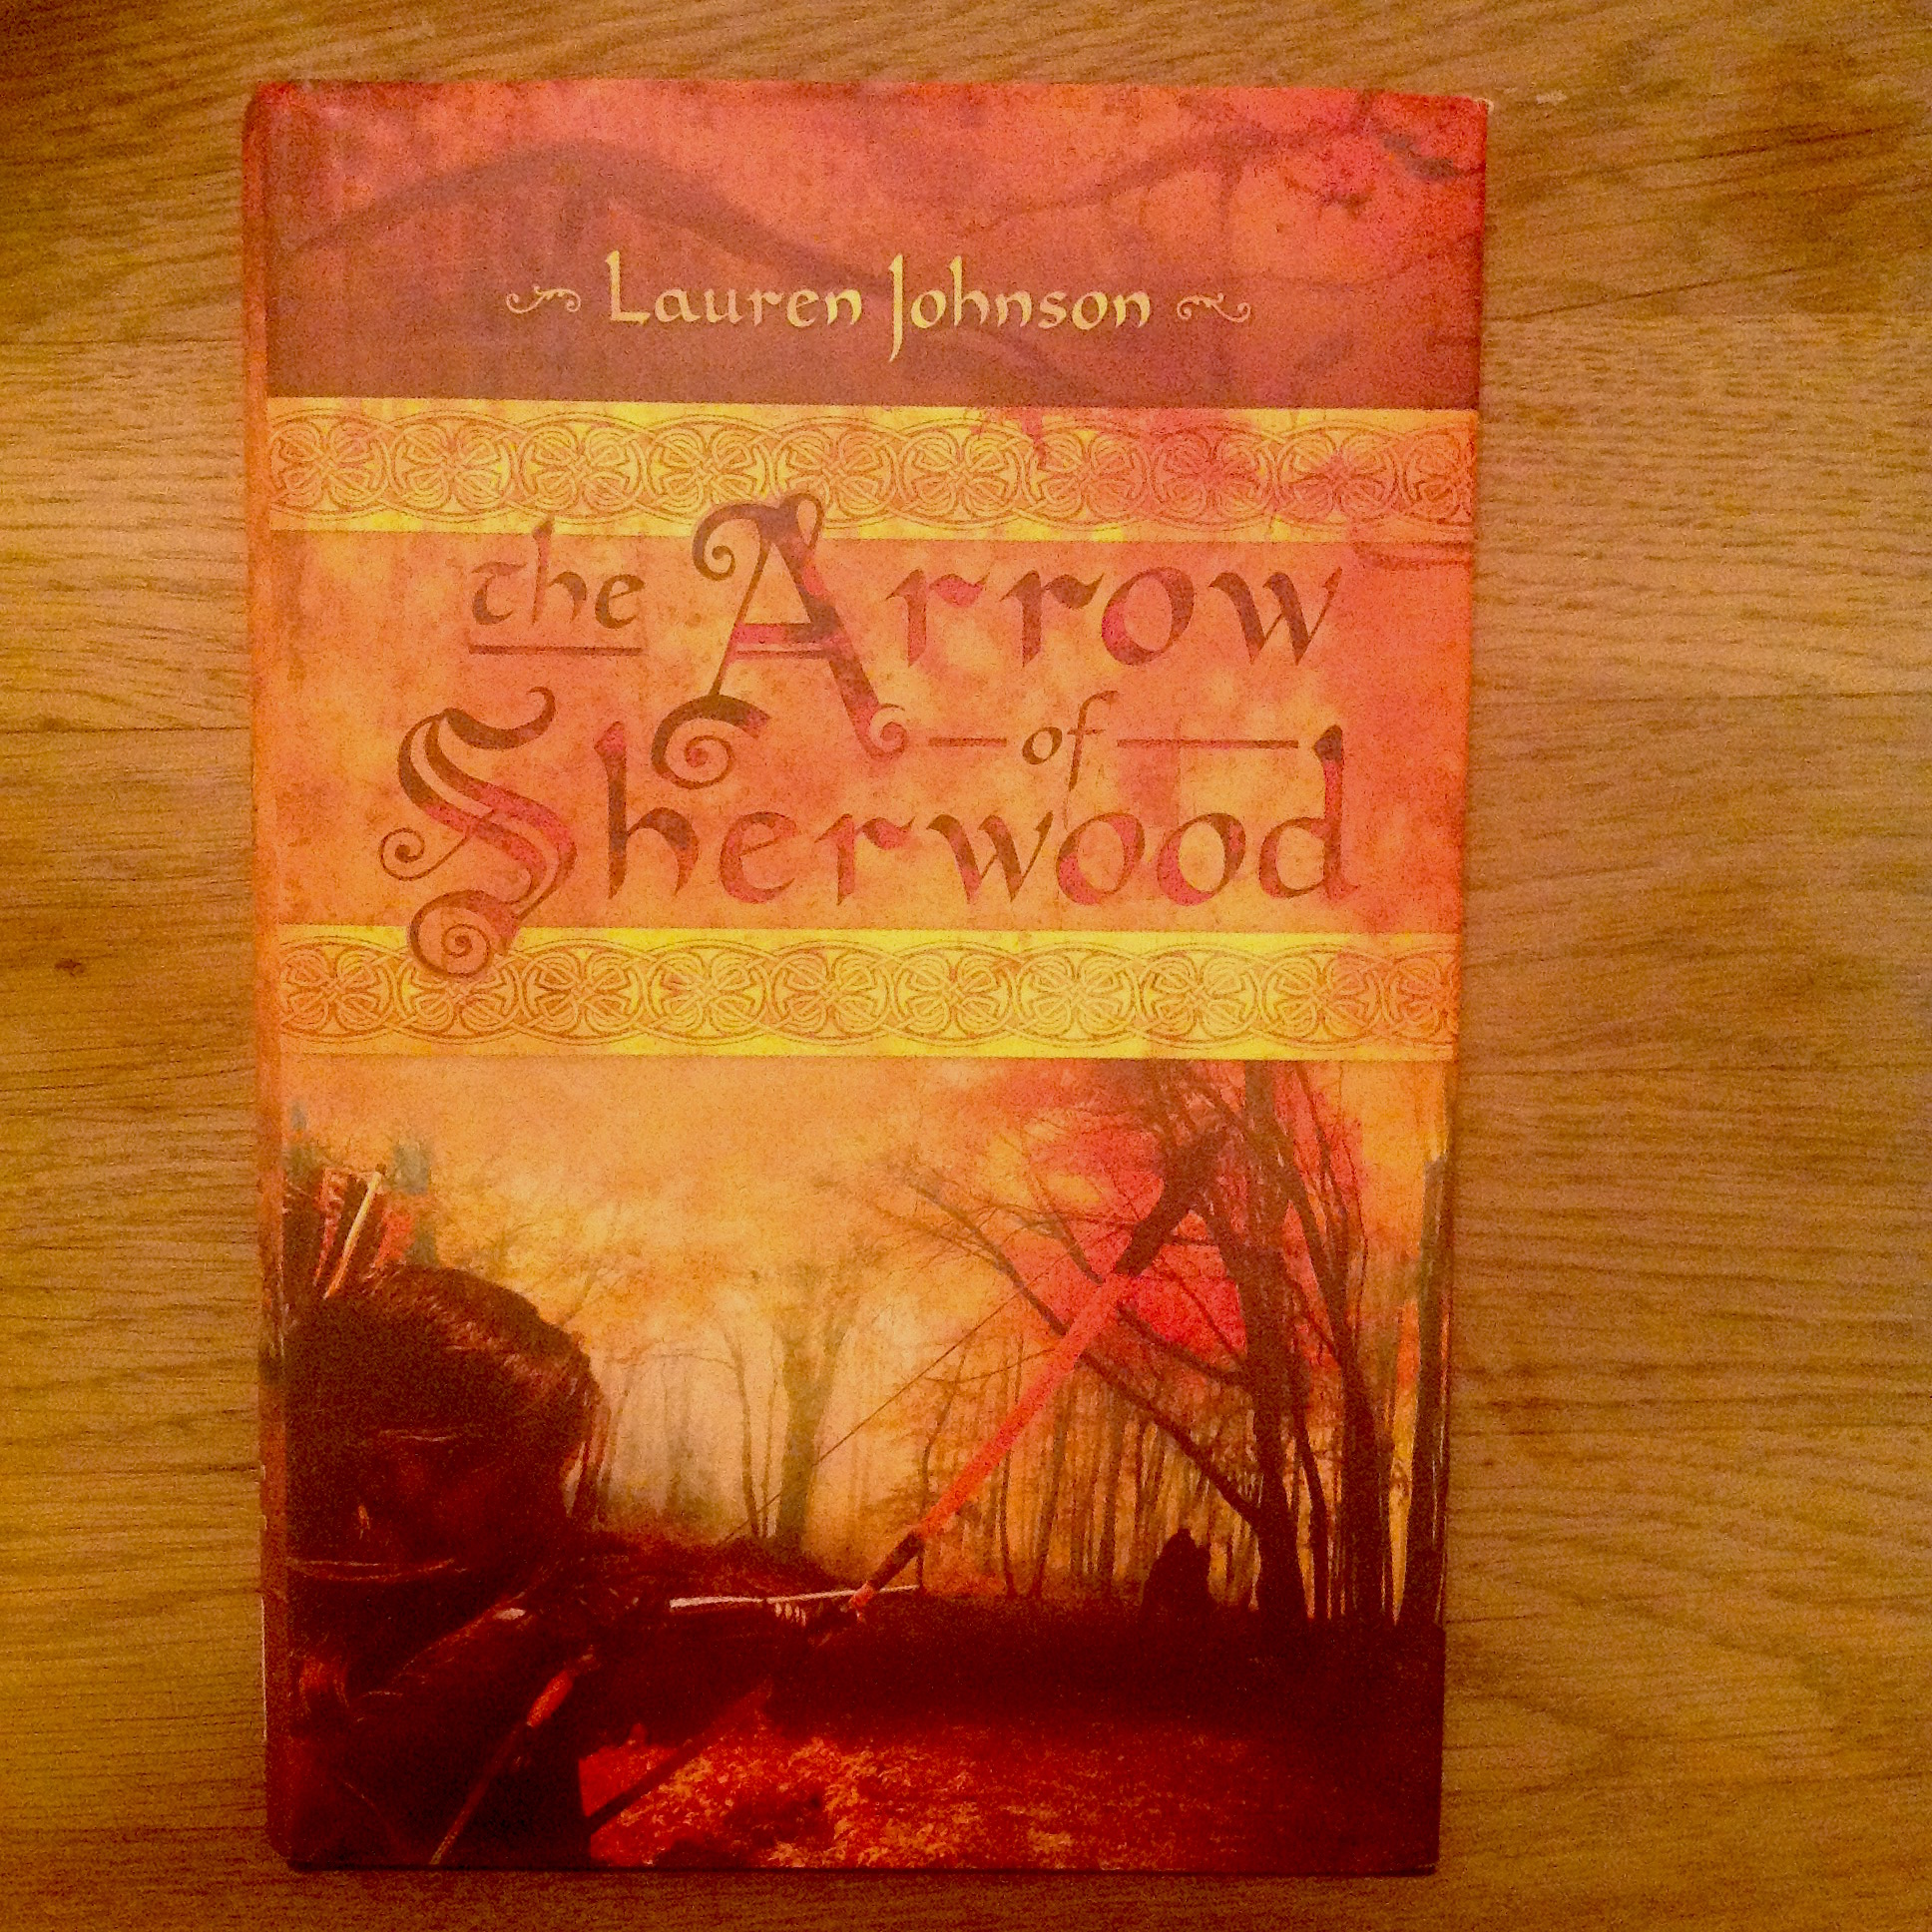 Arrow of Sherwood by Lauren Johnson